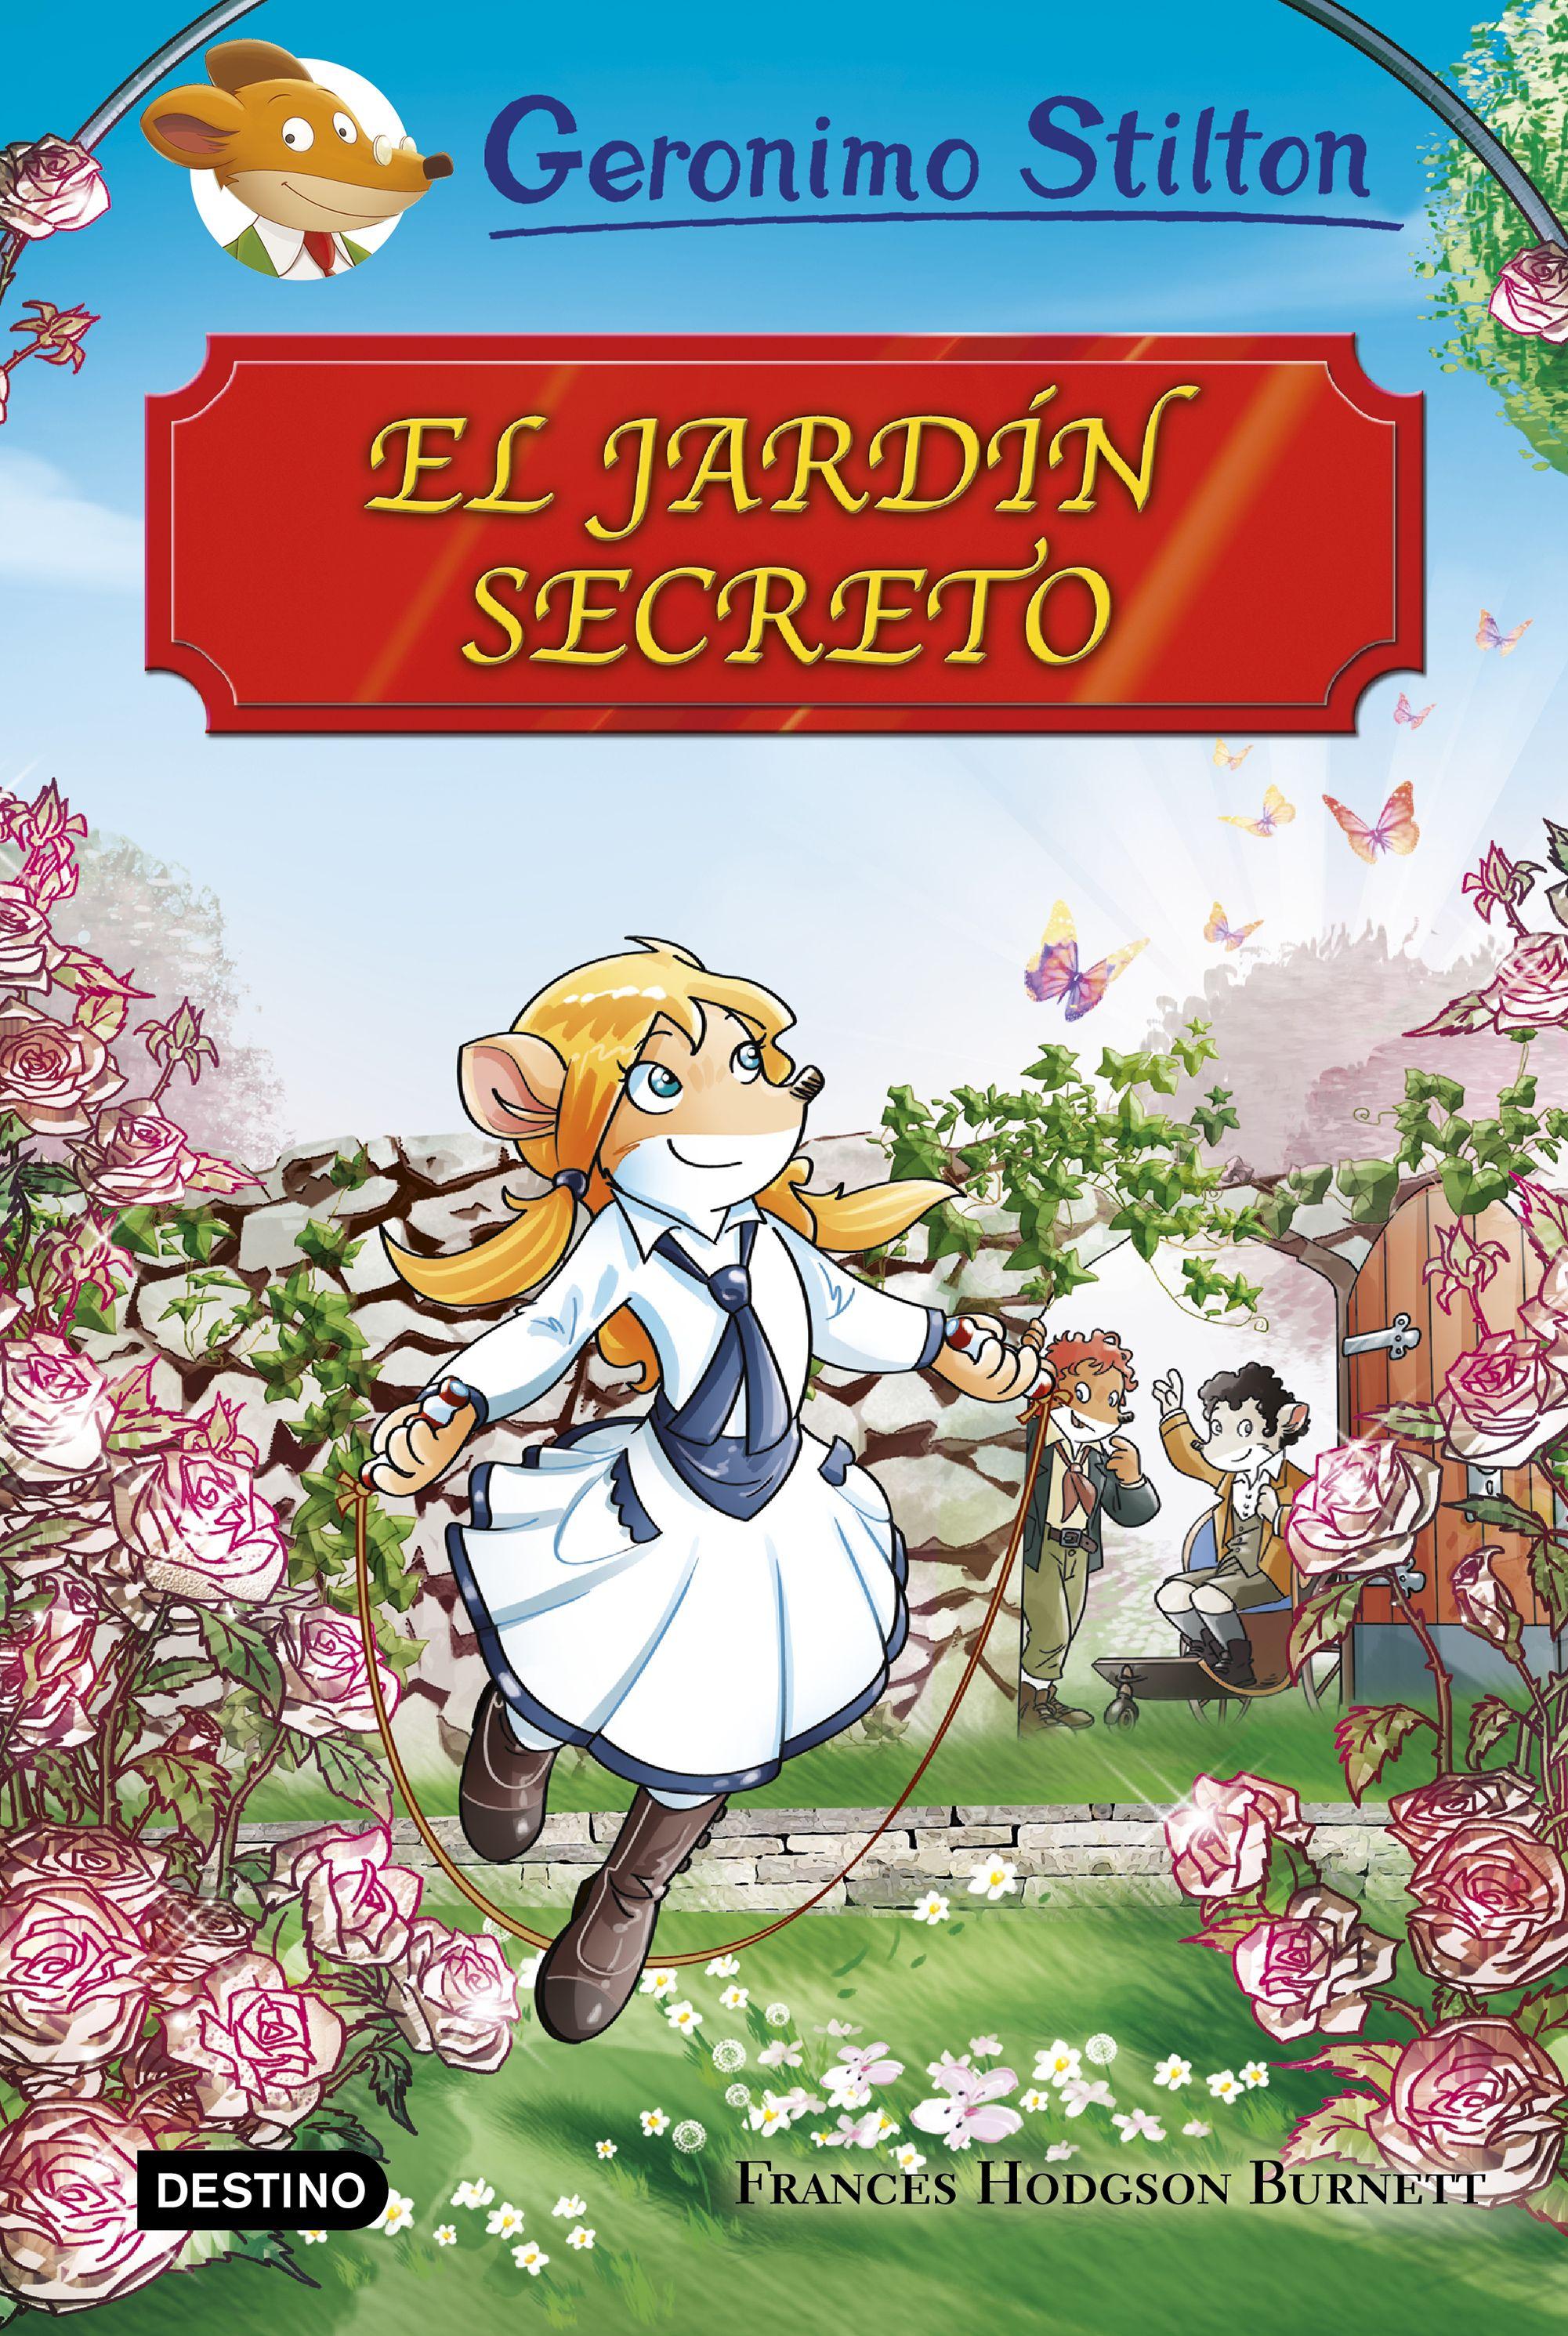 Gs el jardin secreto distribuciones cimadevilla for El jardin secreto precios